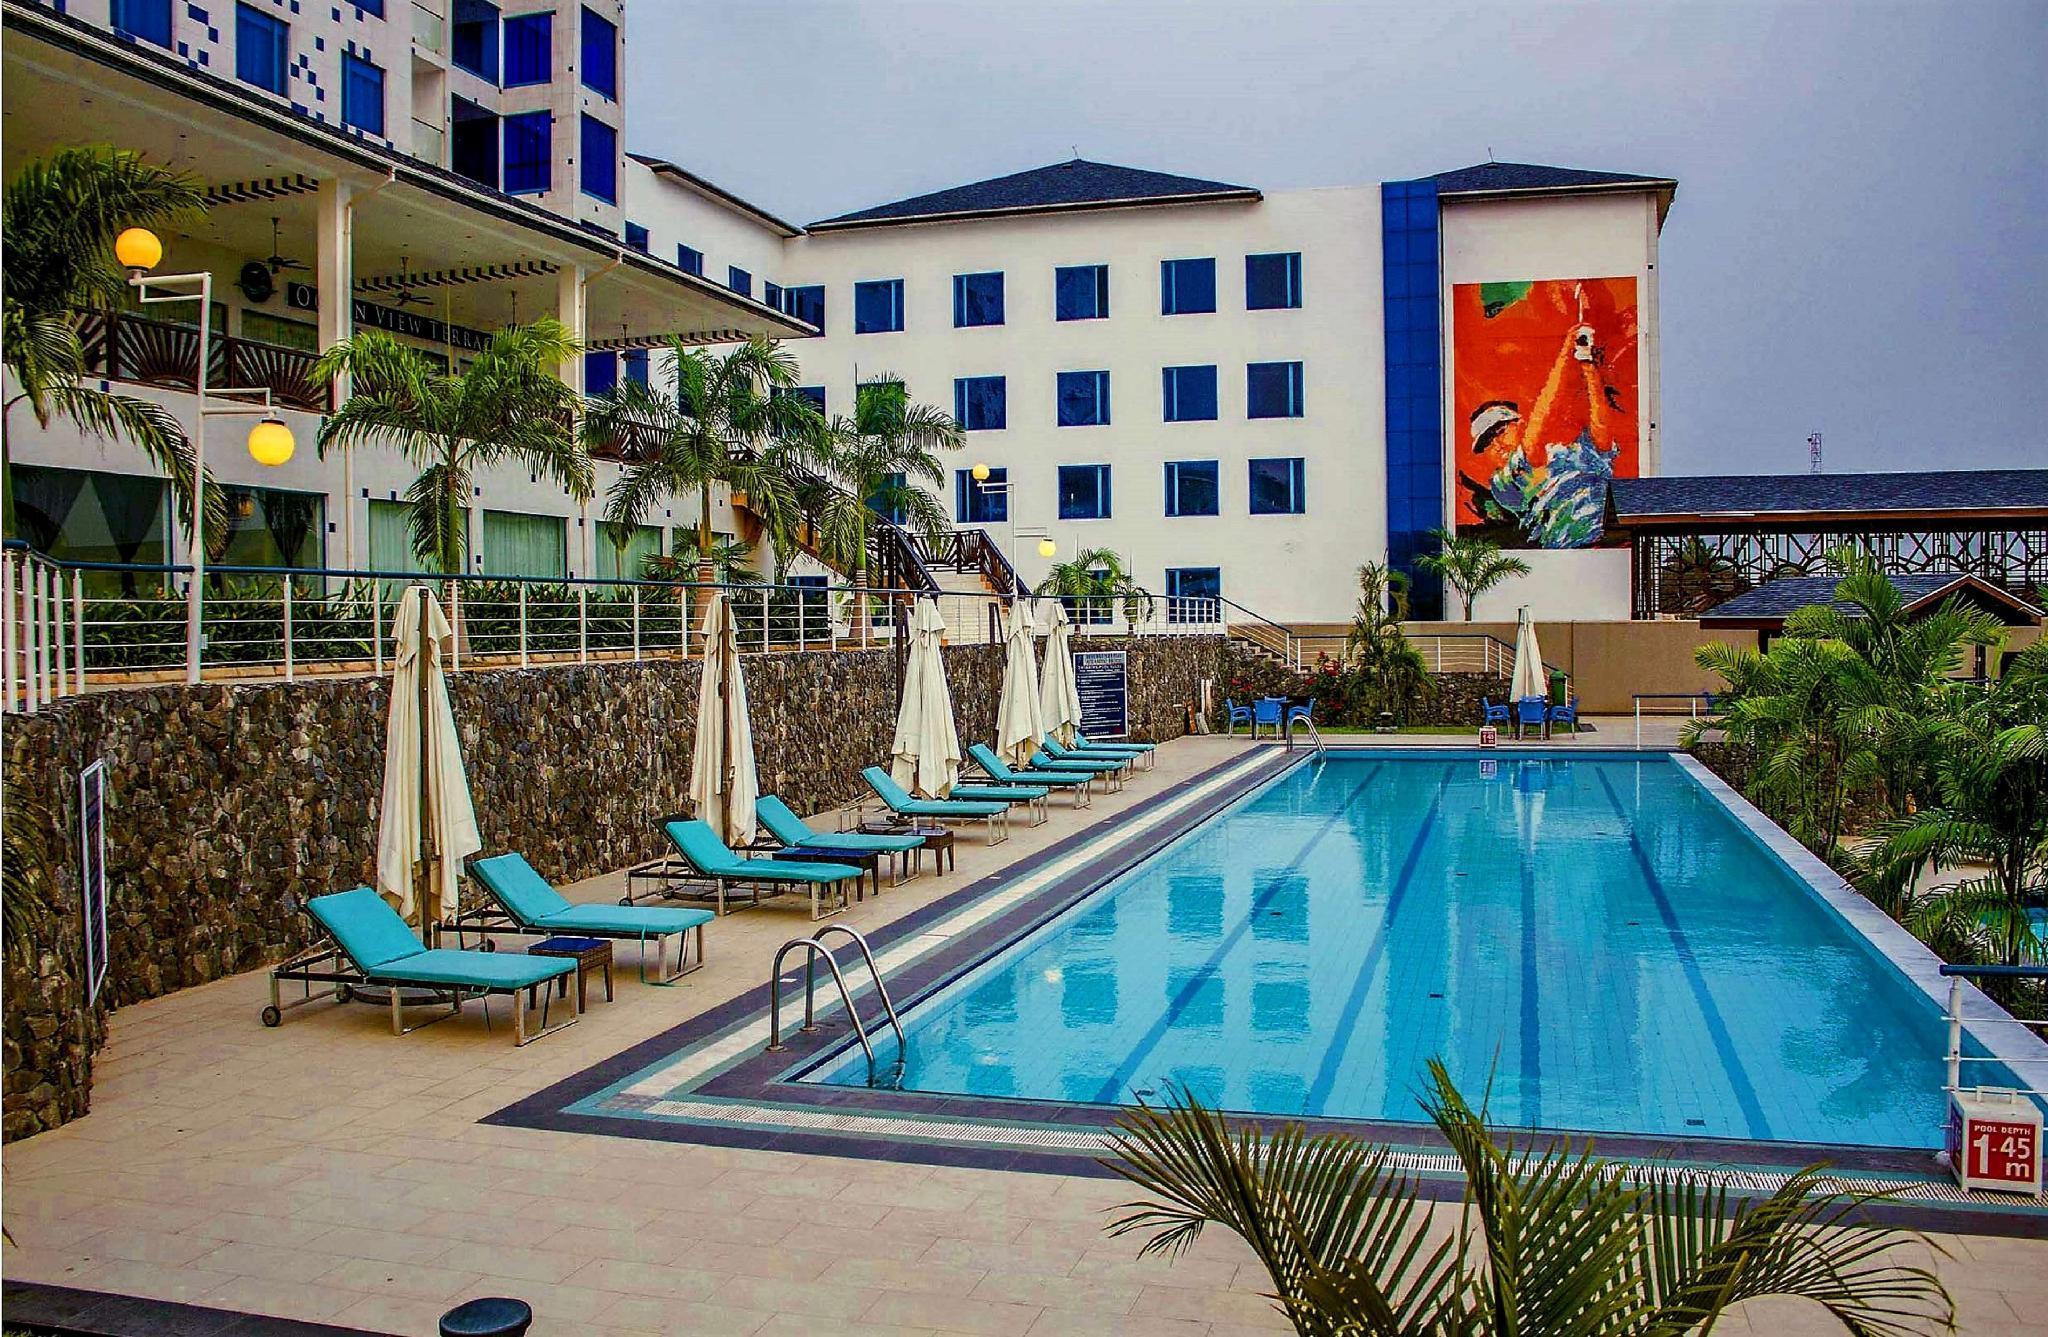 Migliori resort per Single di collegare